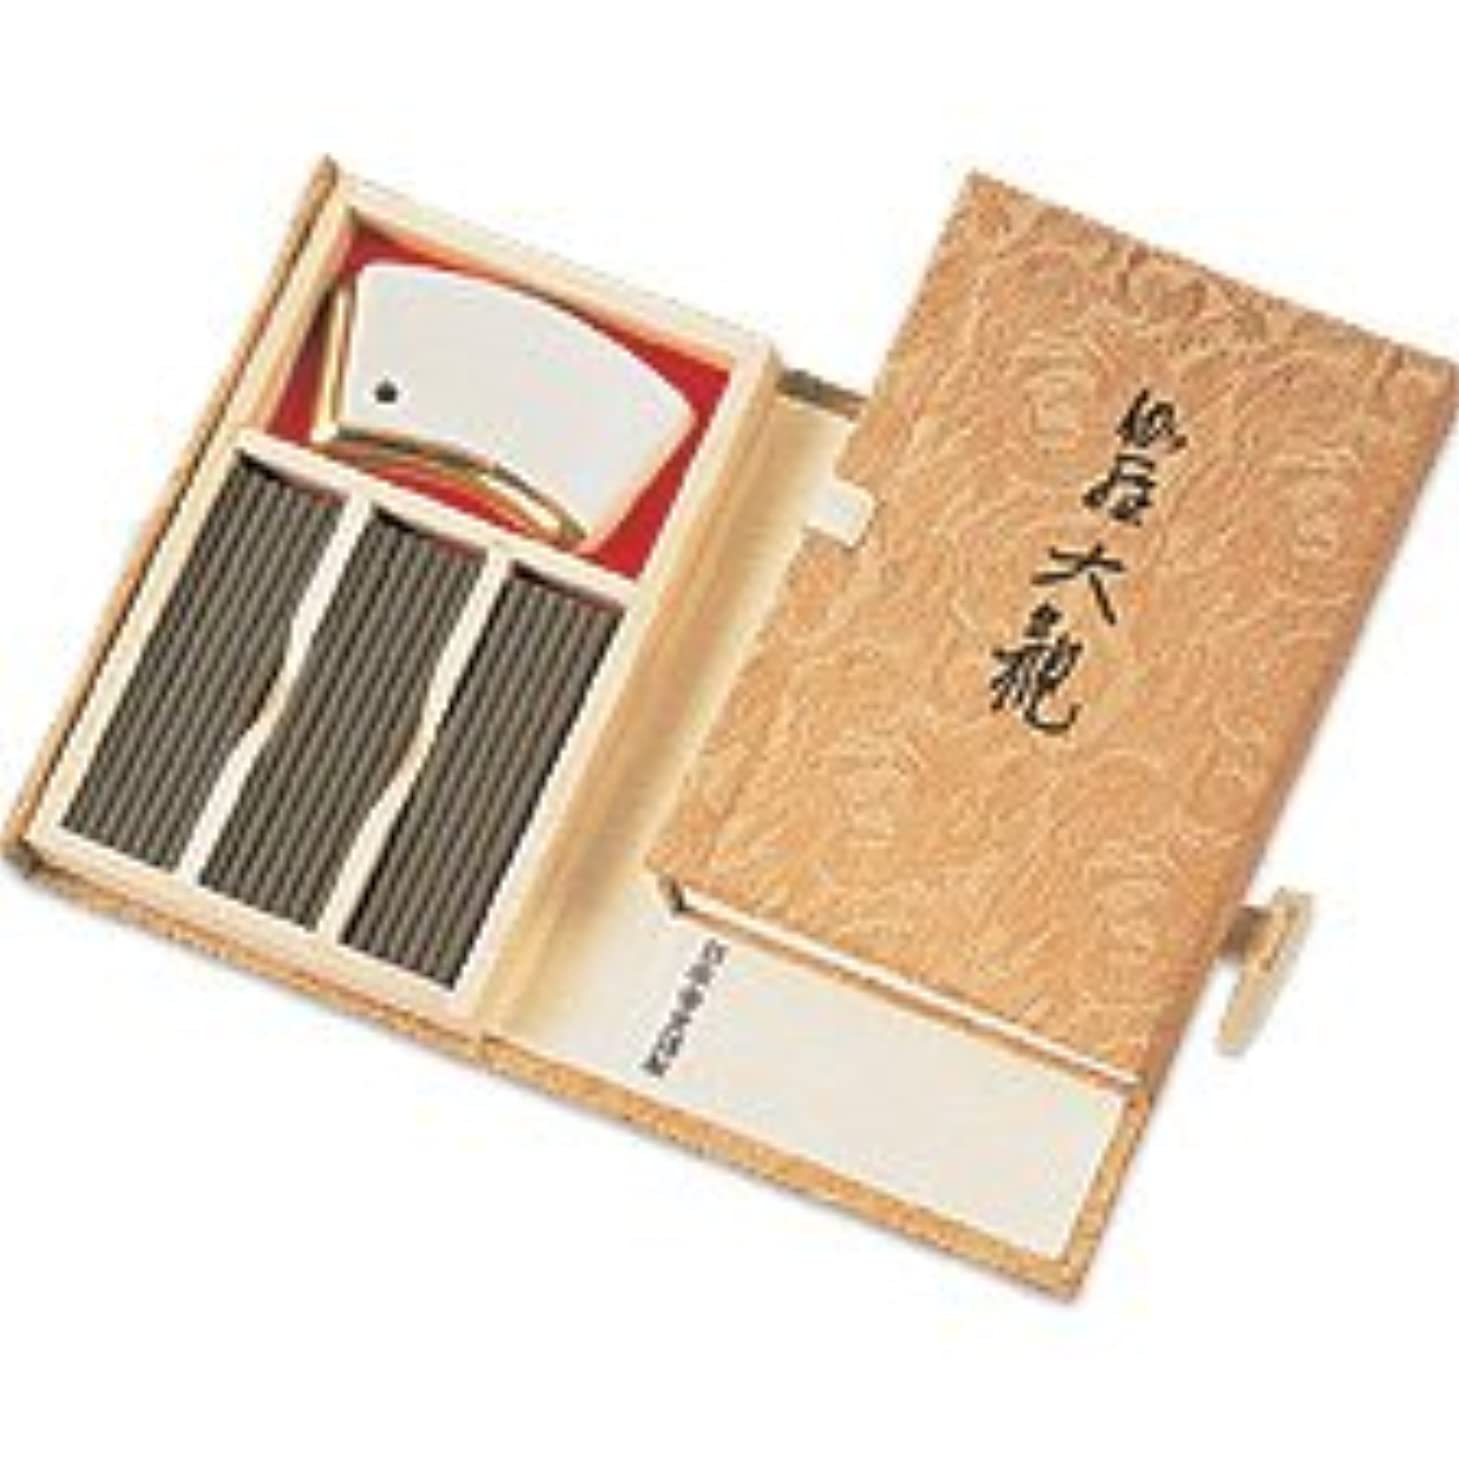 位置する投資施しKyara Taikan – プレミアムAloeswood IncenseからNippon Kodo – ギフトボックス